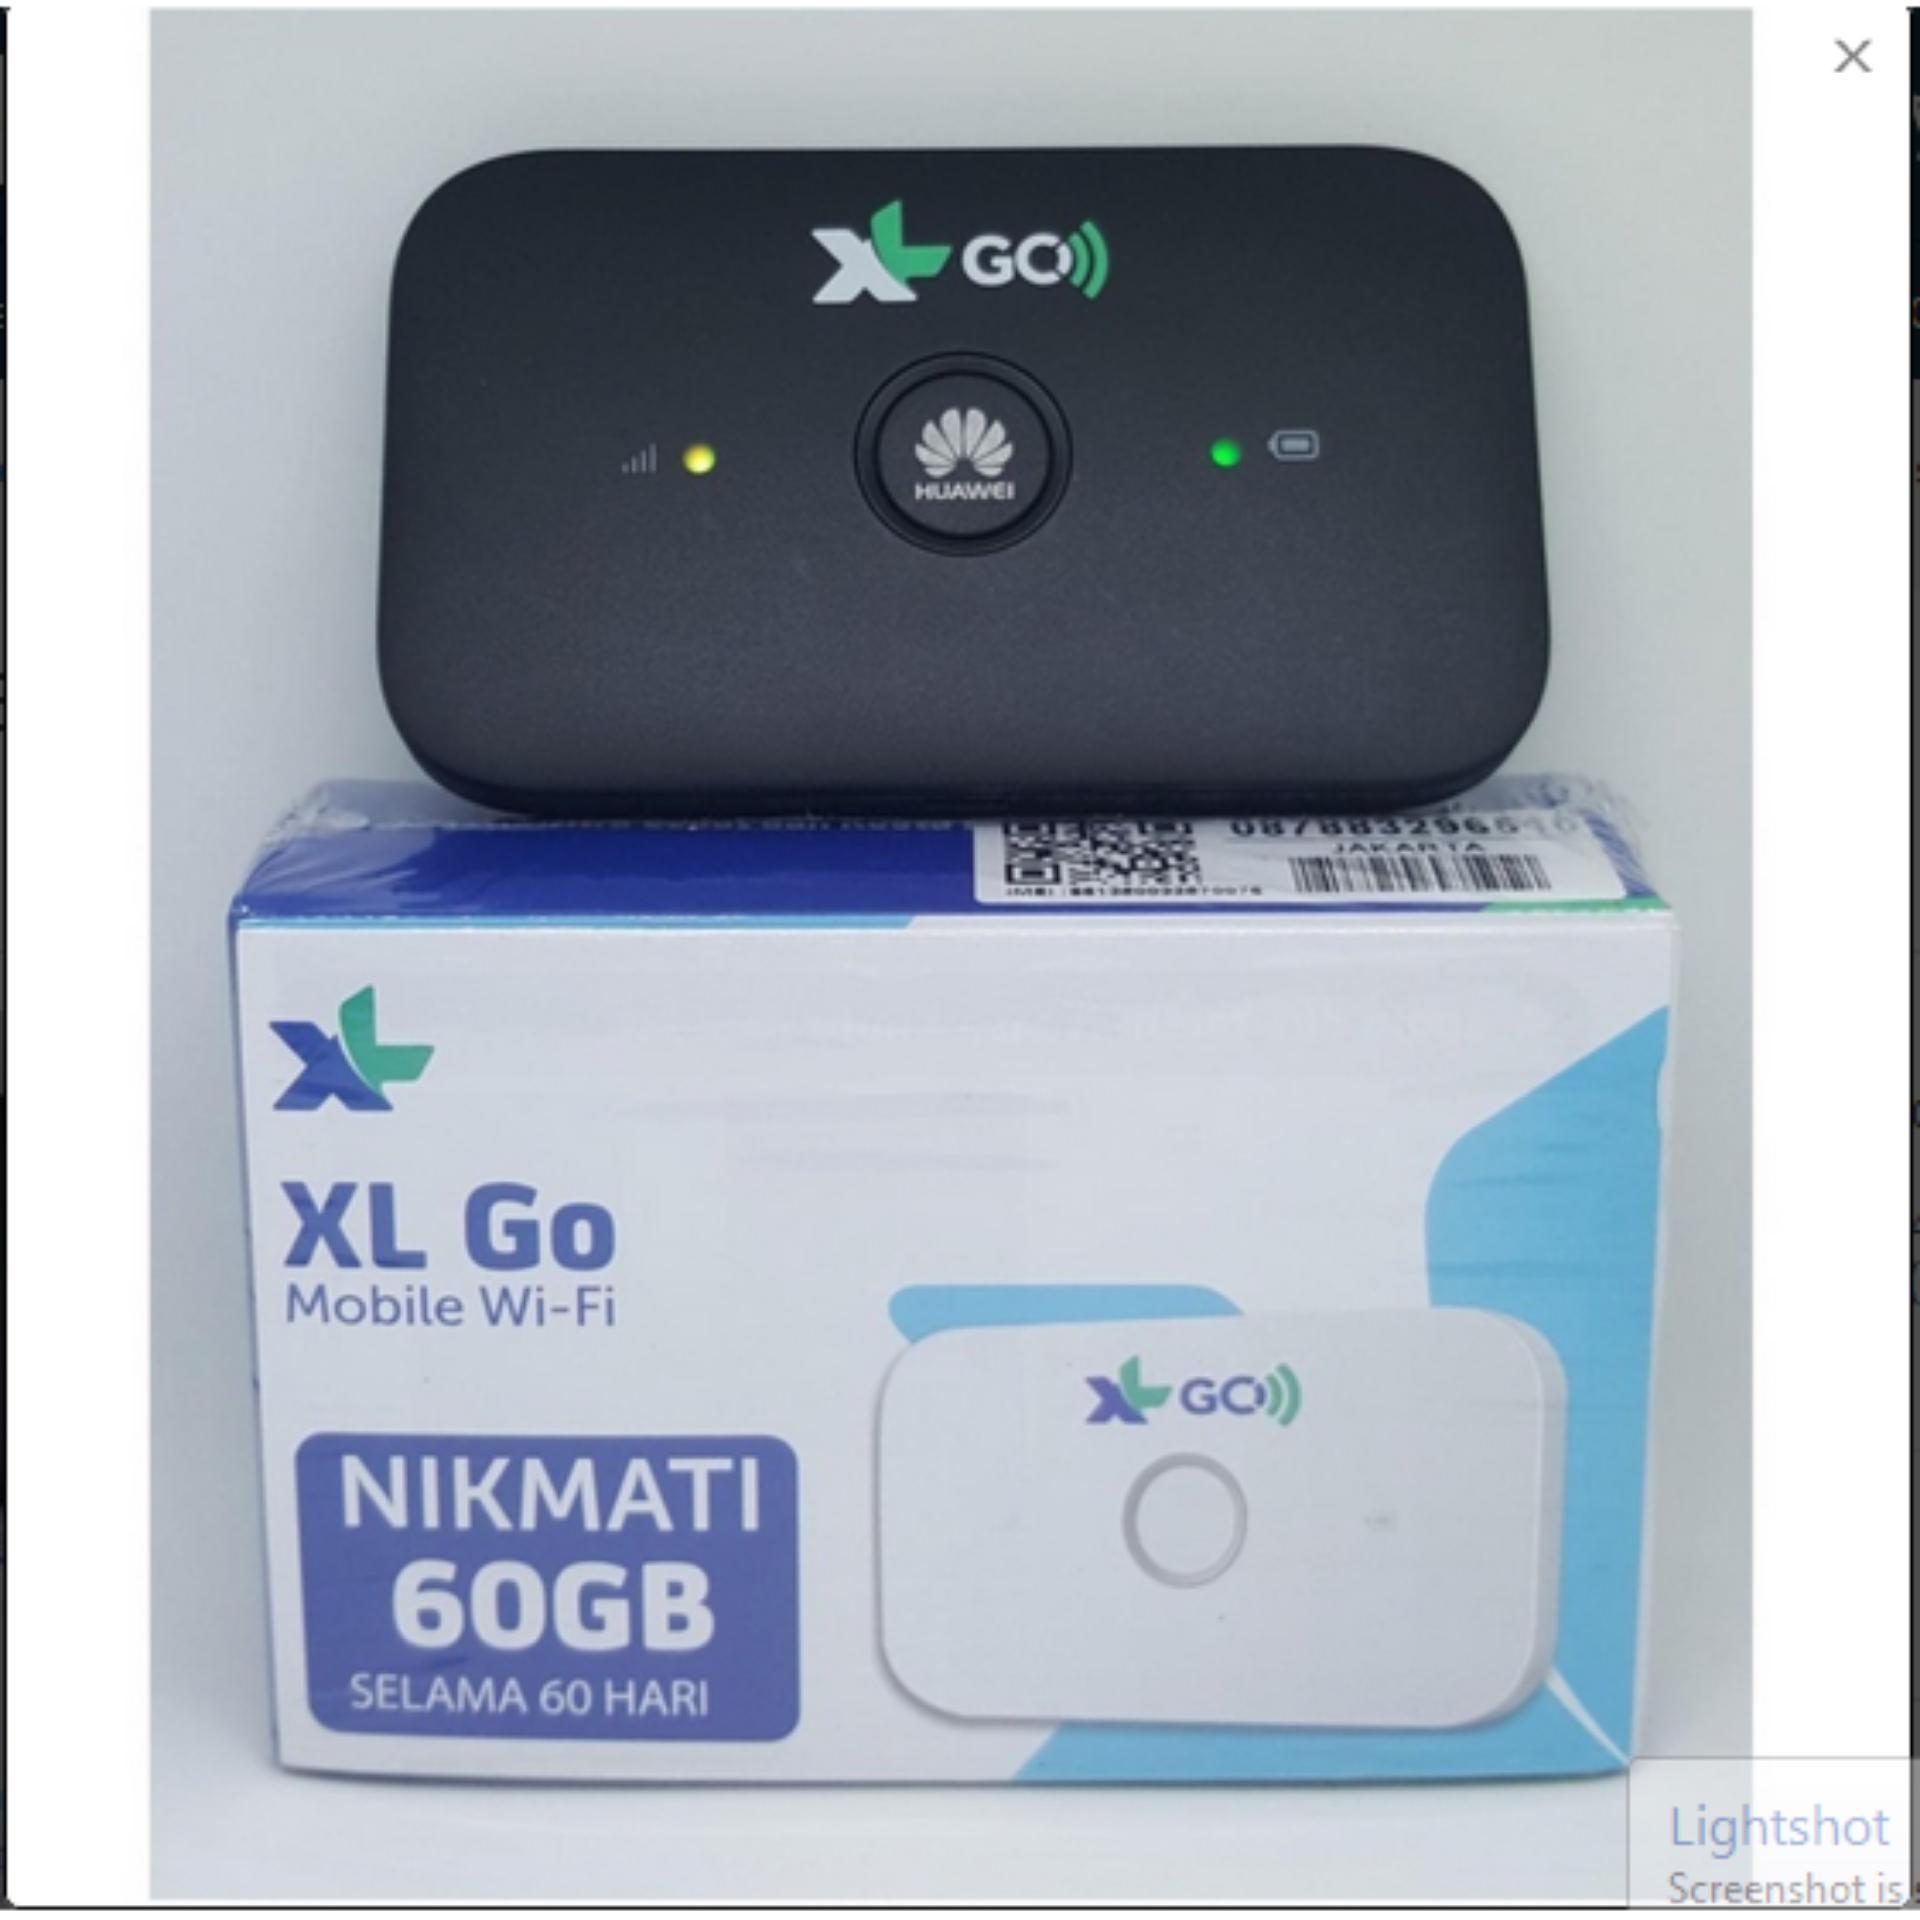 ... MiFi Modem WiFi 4G Huawei E5573 XL Go Free 60Gb 60Hari ...